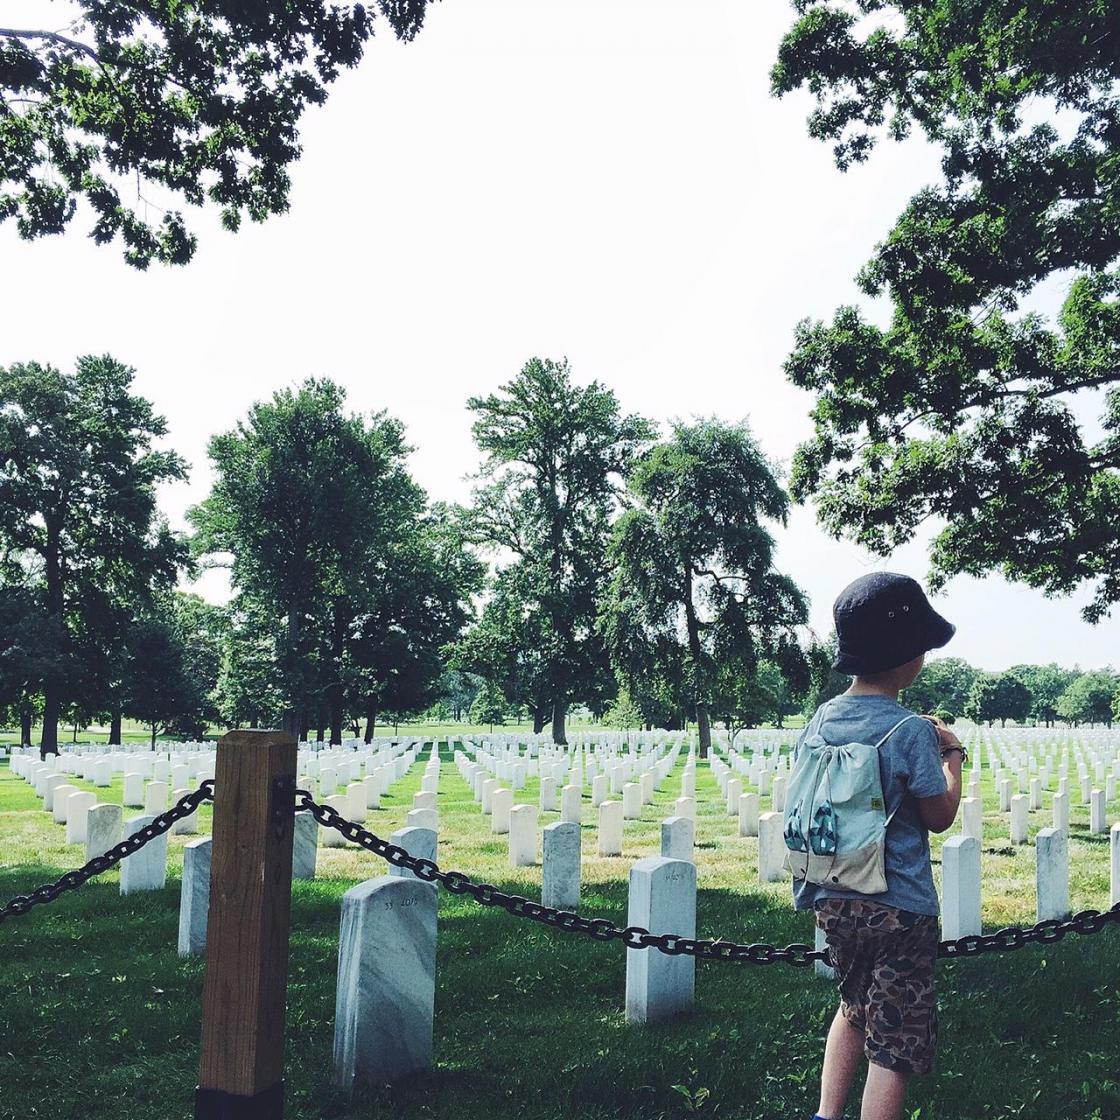 Arlington militærkirkegård er måske ikke det mest børnevenlige sted. Men så har Washington D.C. så meget andet at byde på for en lille utålmodig sjæl.